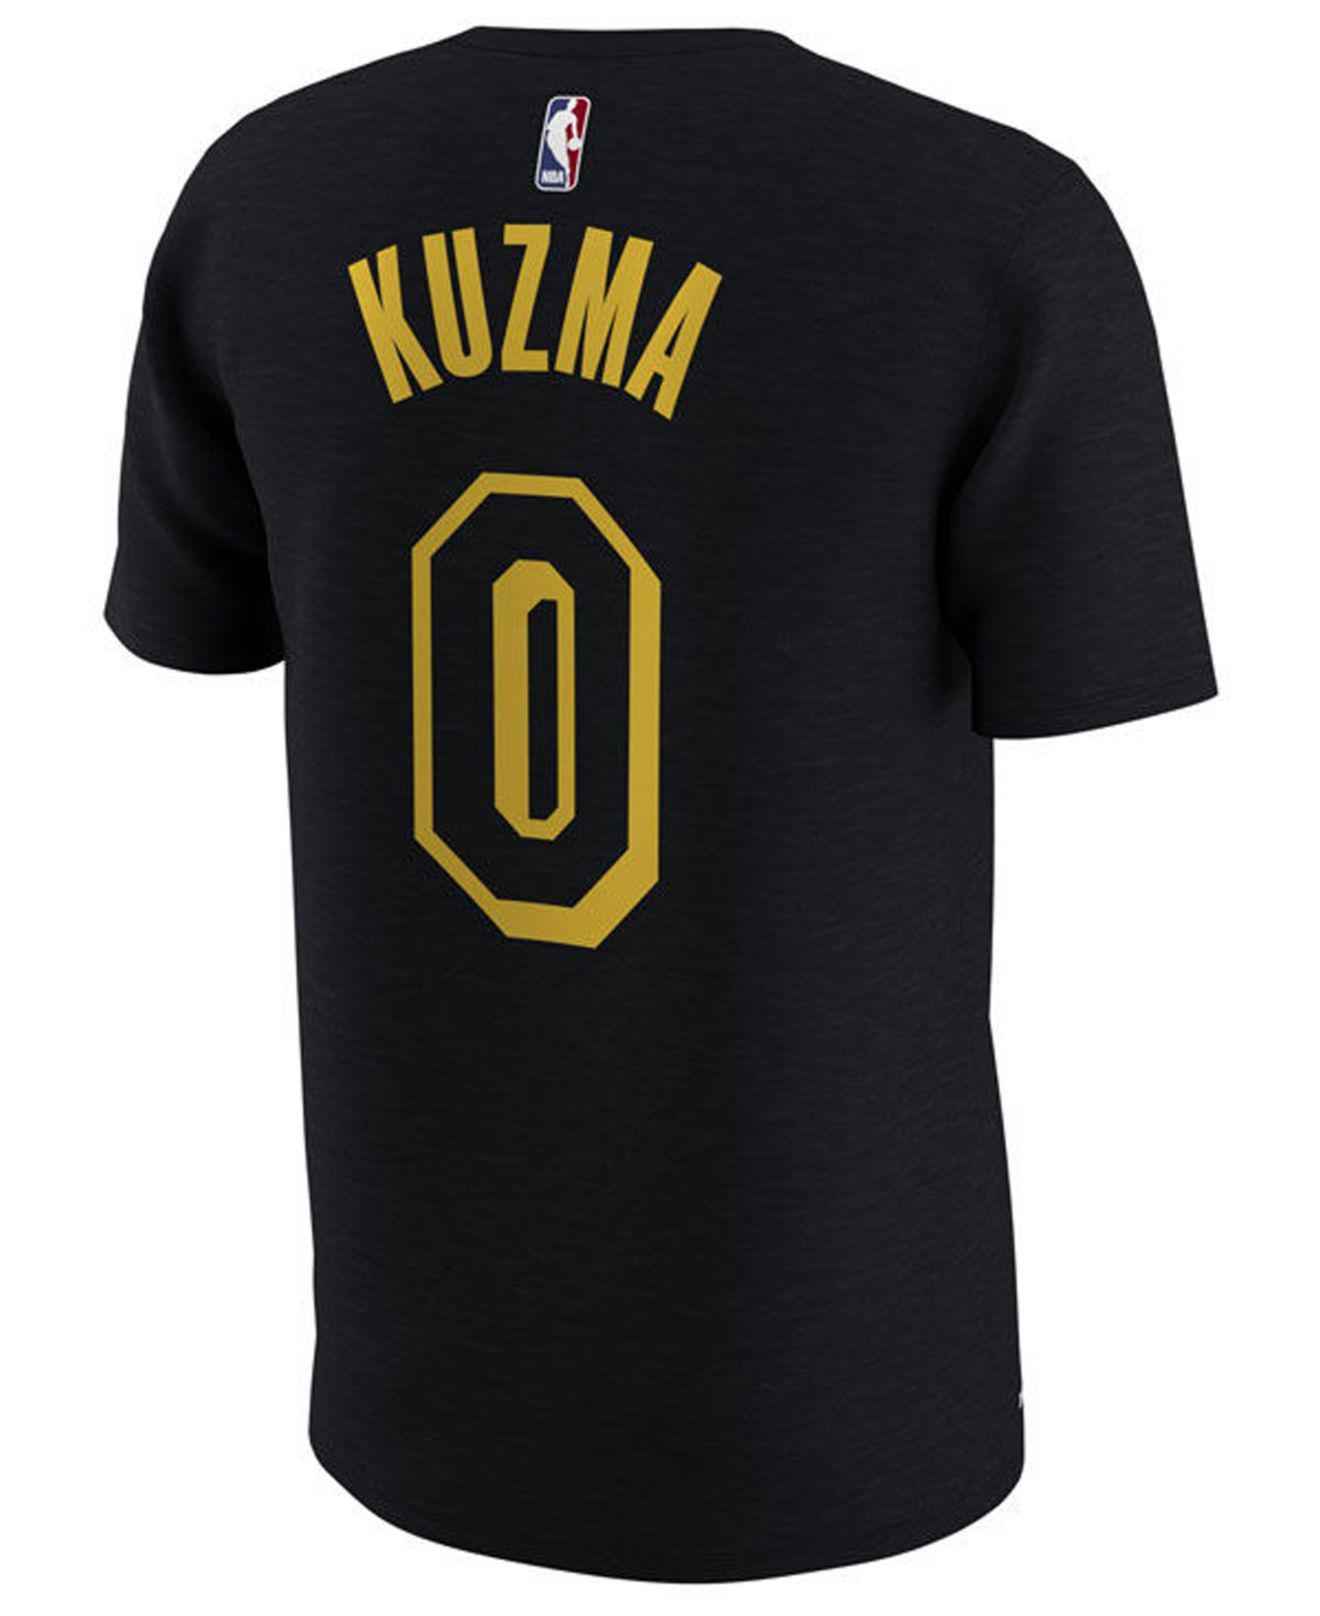 wholesale dealer b8a0f 33bd4 Men's Black Kyle Kuzma Los Angeles Lakers City Player T-shirt